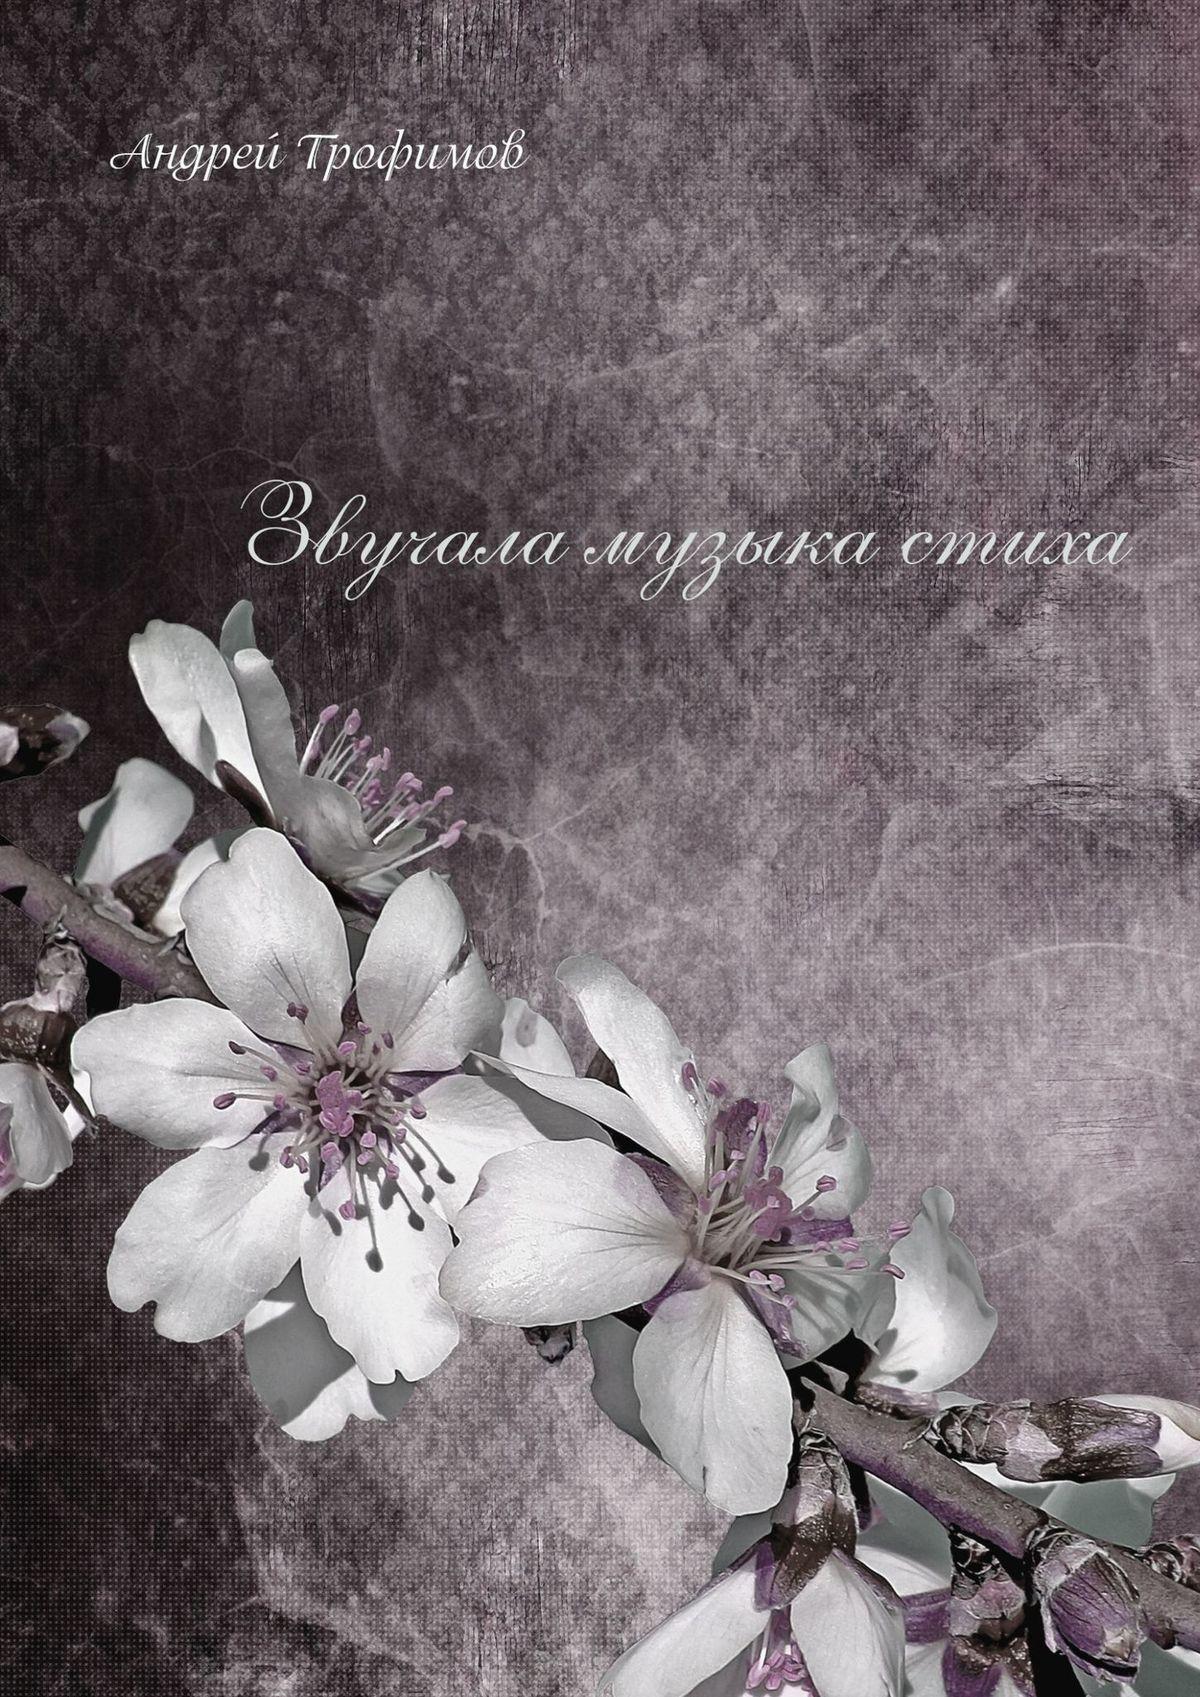 Андрей Трофимов Звучала музыка стиха